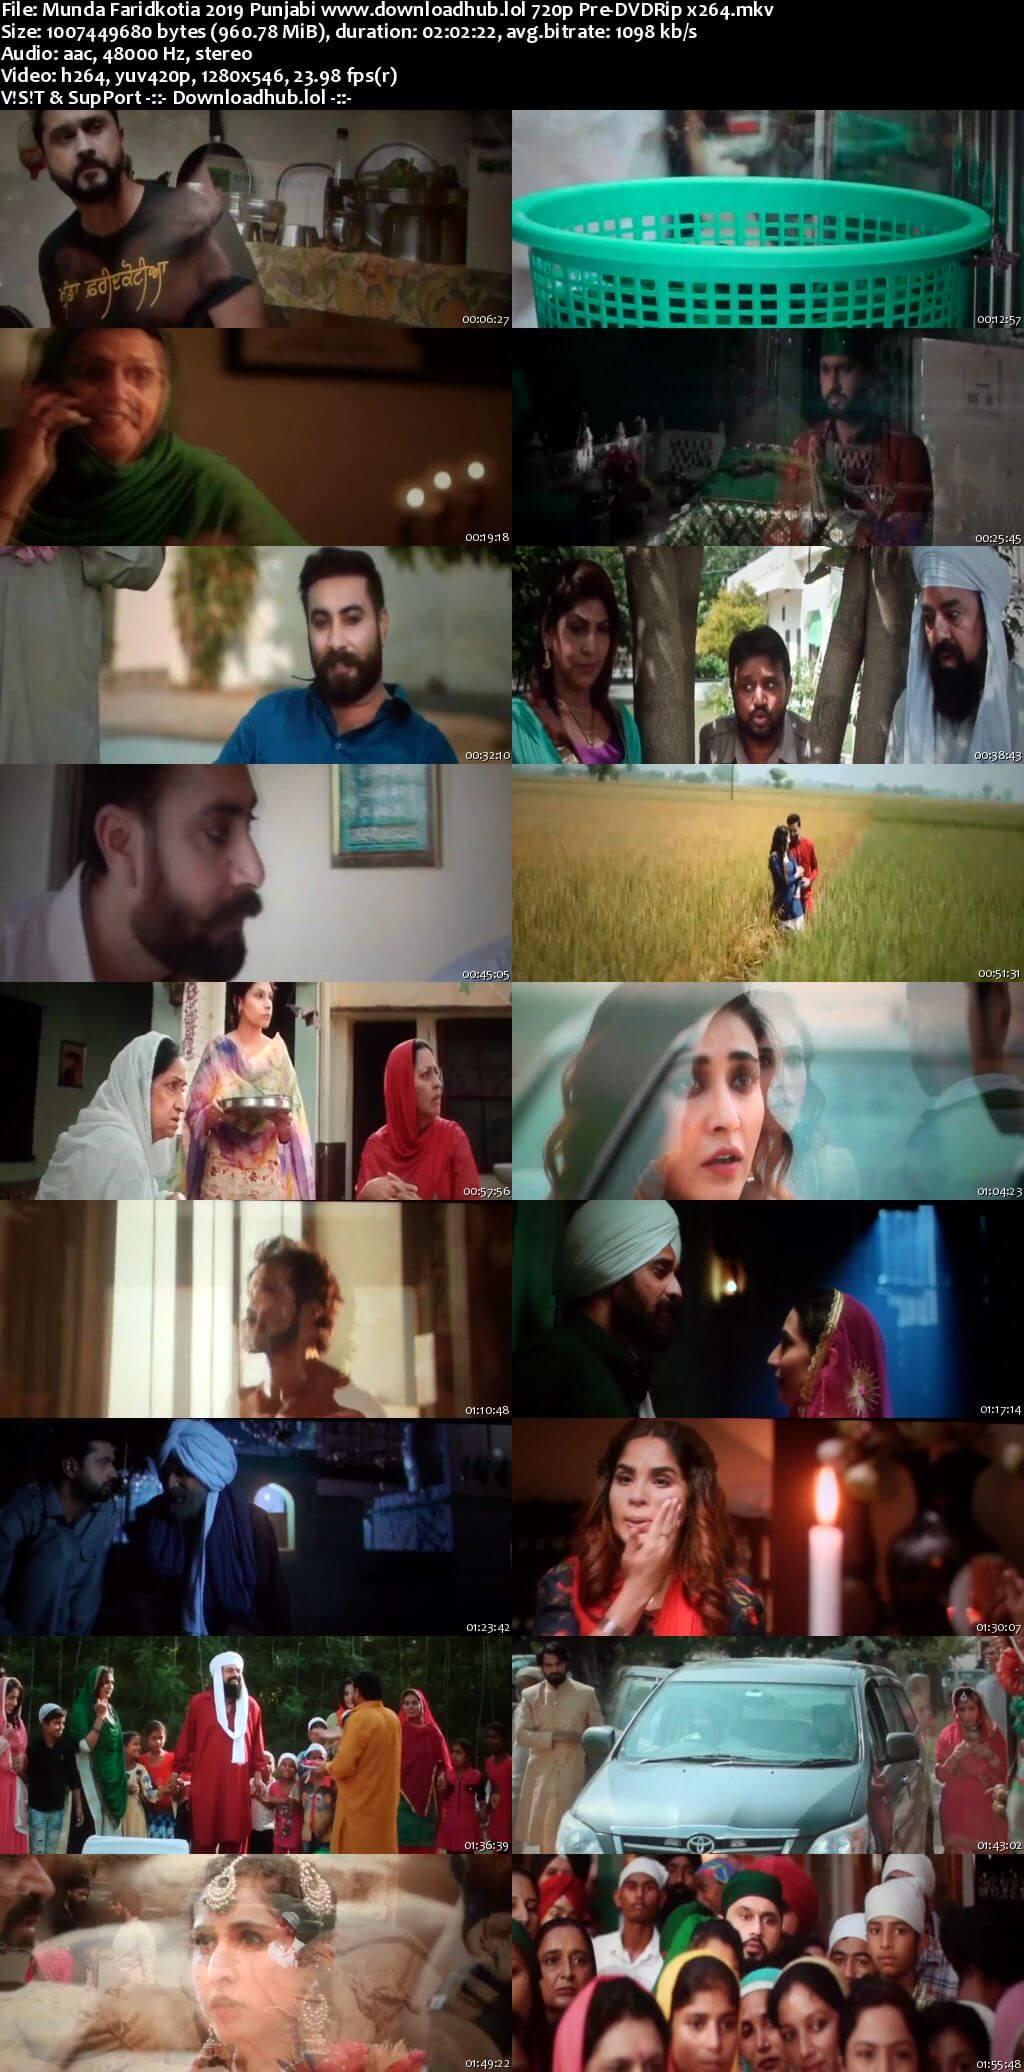 Munda Faridkotia 2019 Punjabi 720p Pre-DVDRip x264